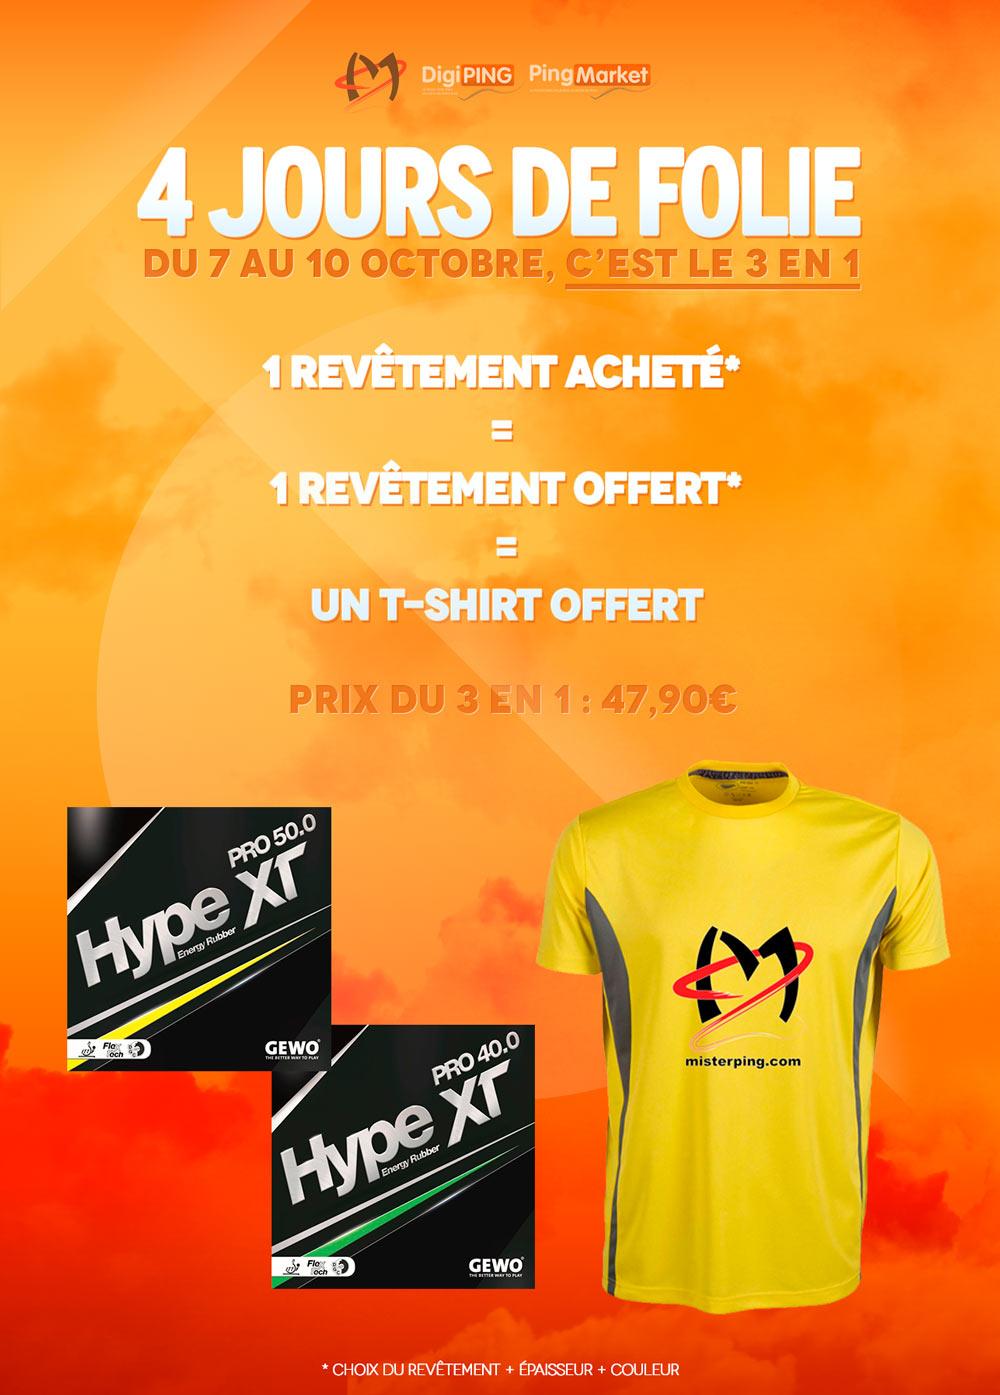 4 jours de folie, 3 en 1 avec le HYPE XT PRO (2 pour le prix d'1 + 1 tshirt)